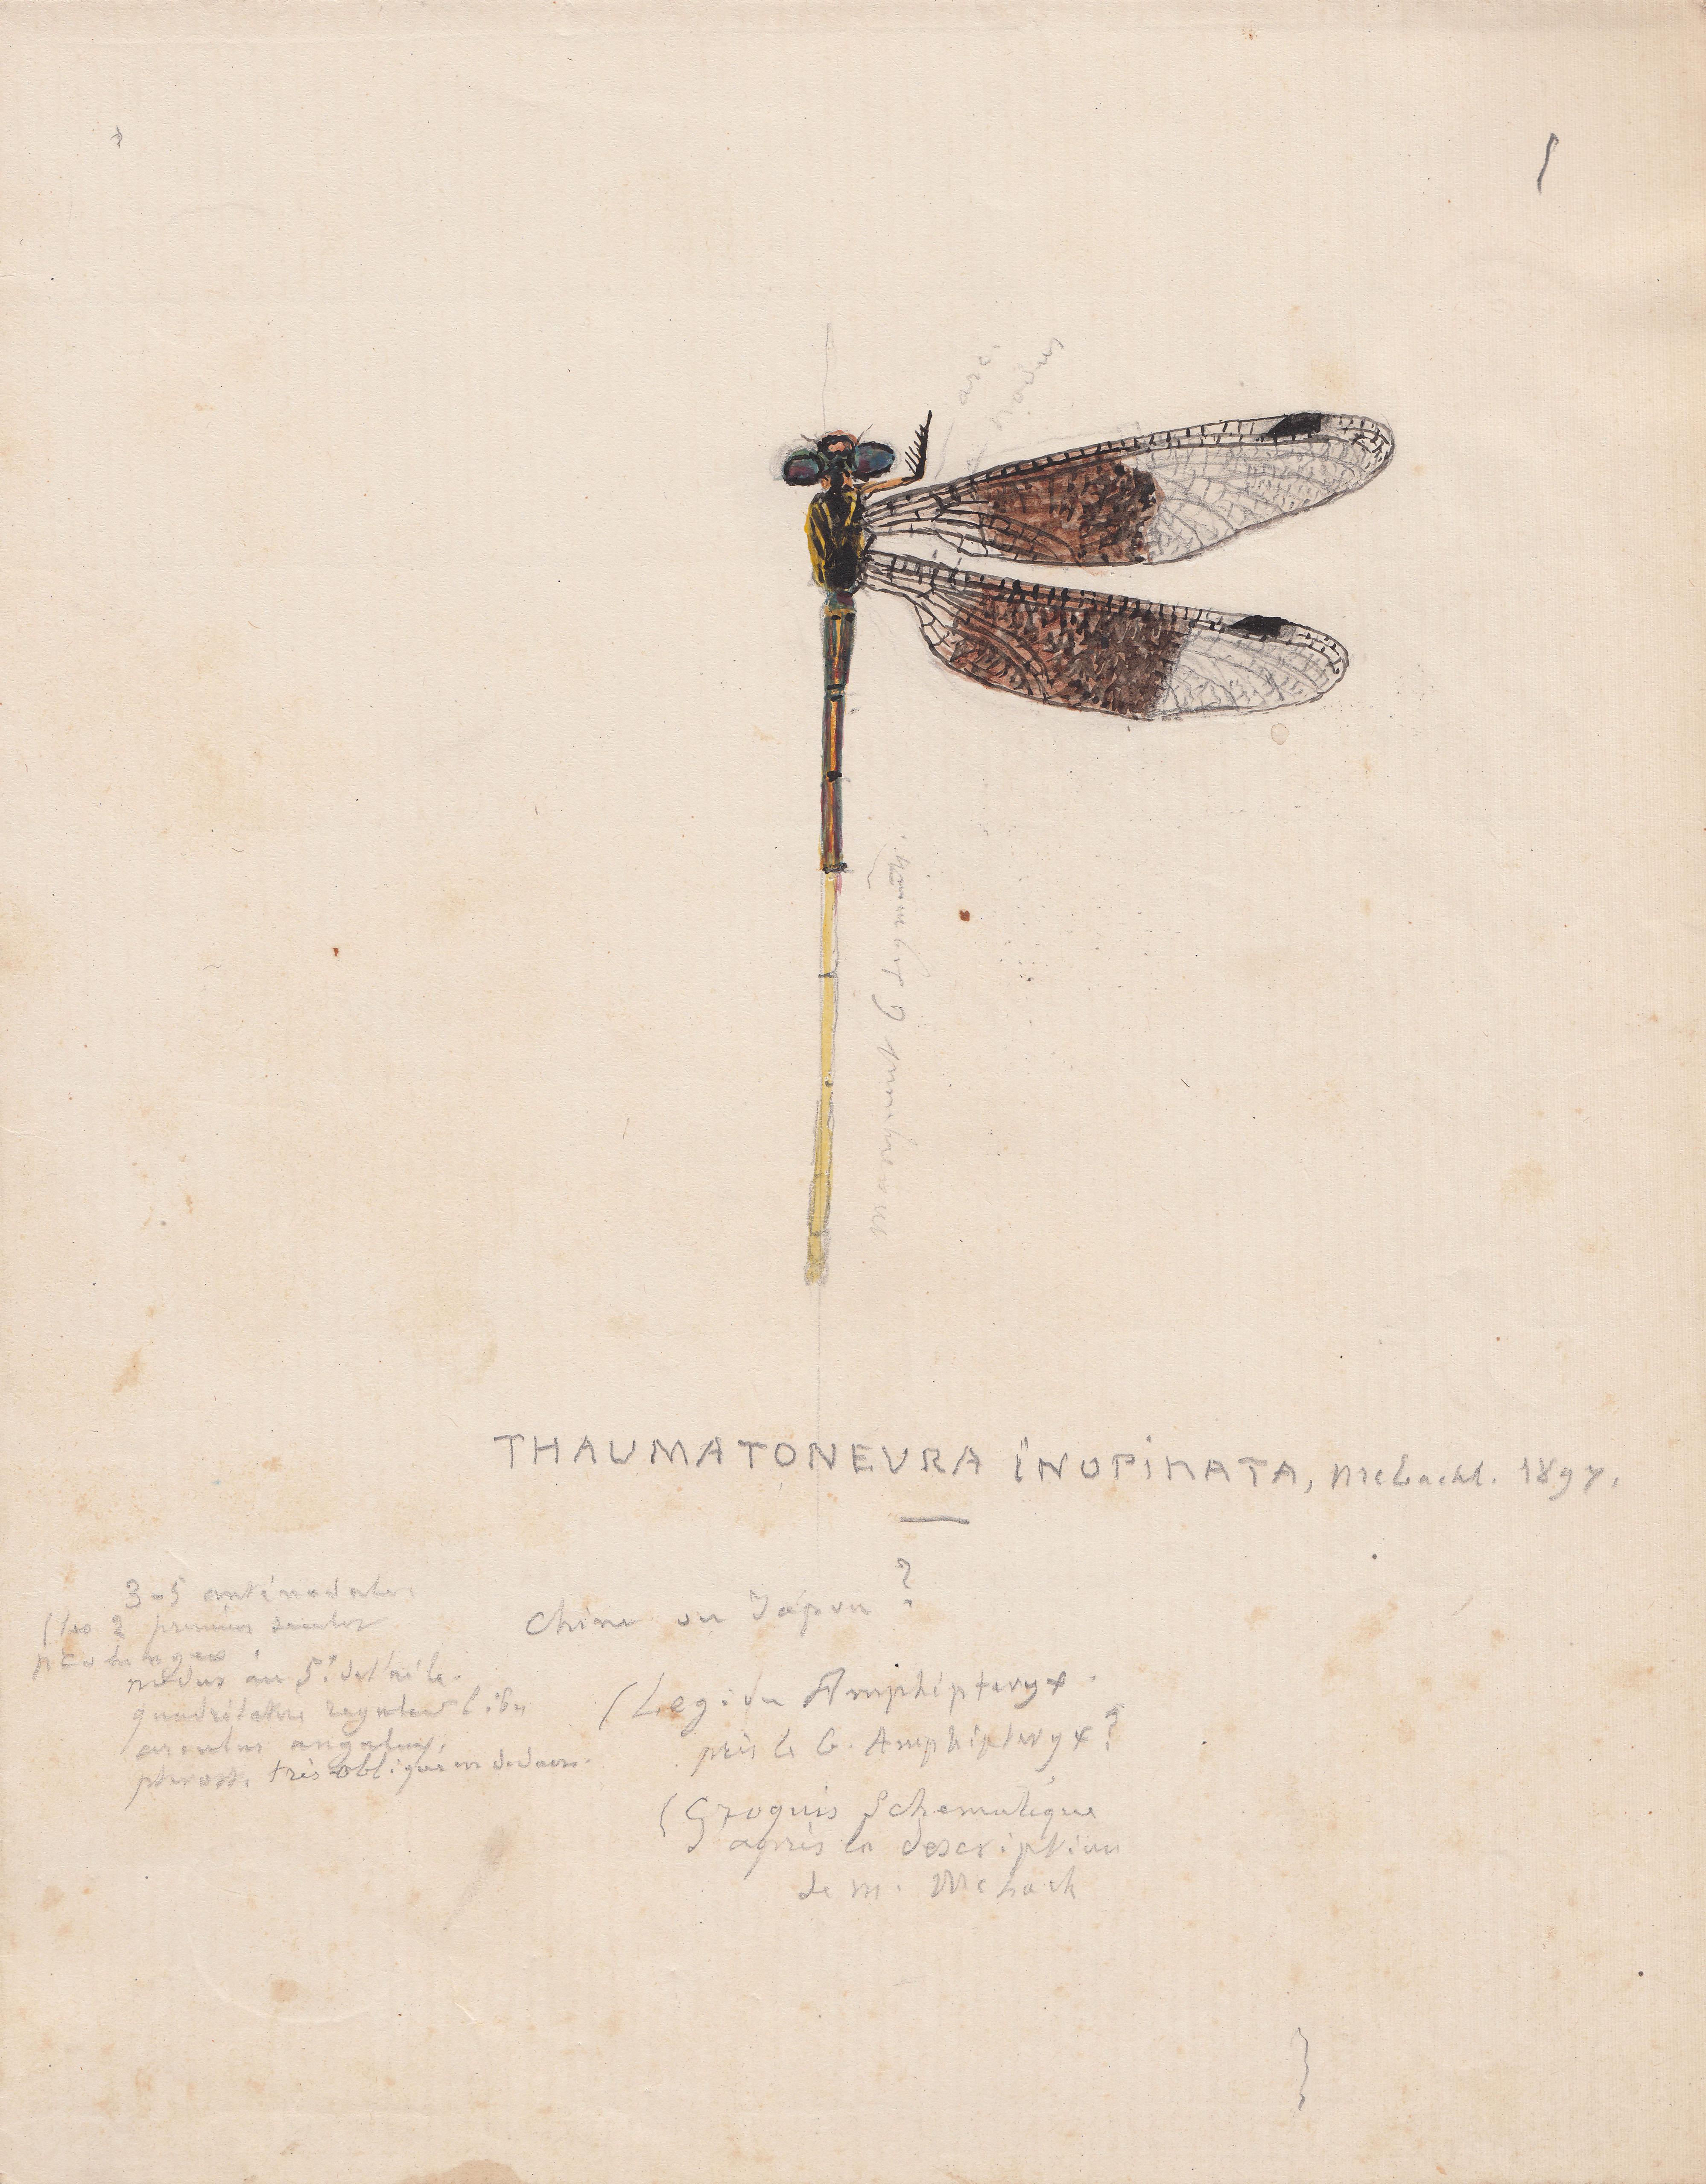 Thaumatoneura inopinata.jpg